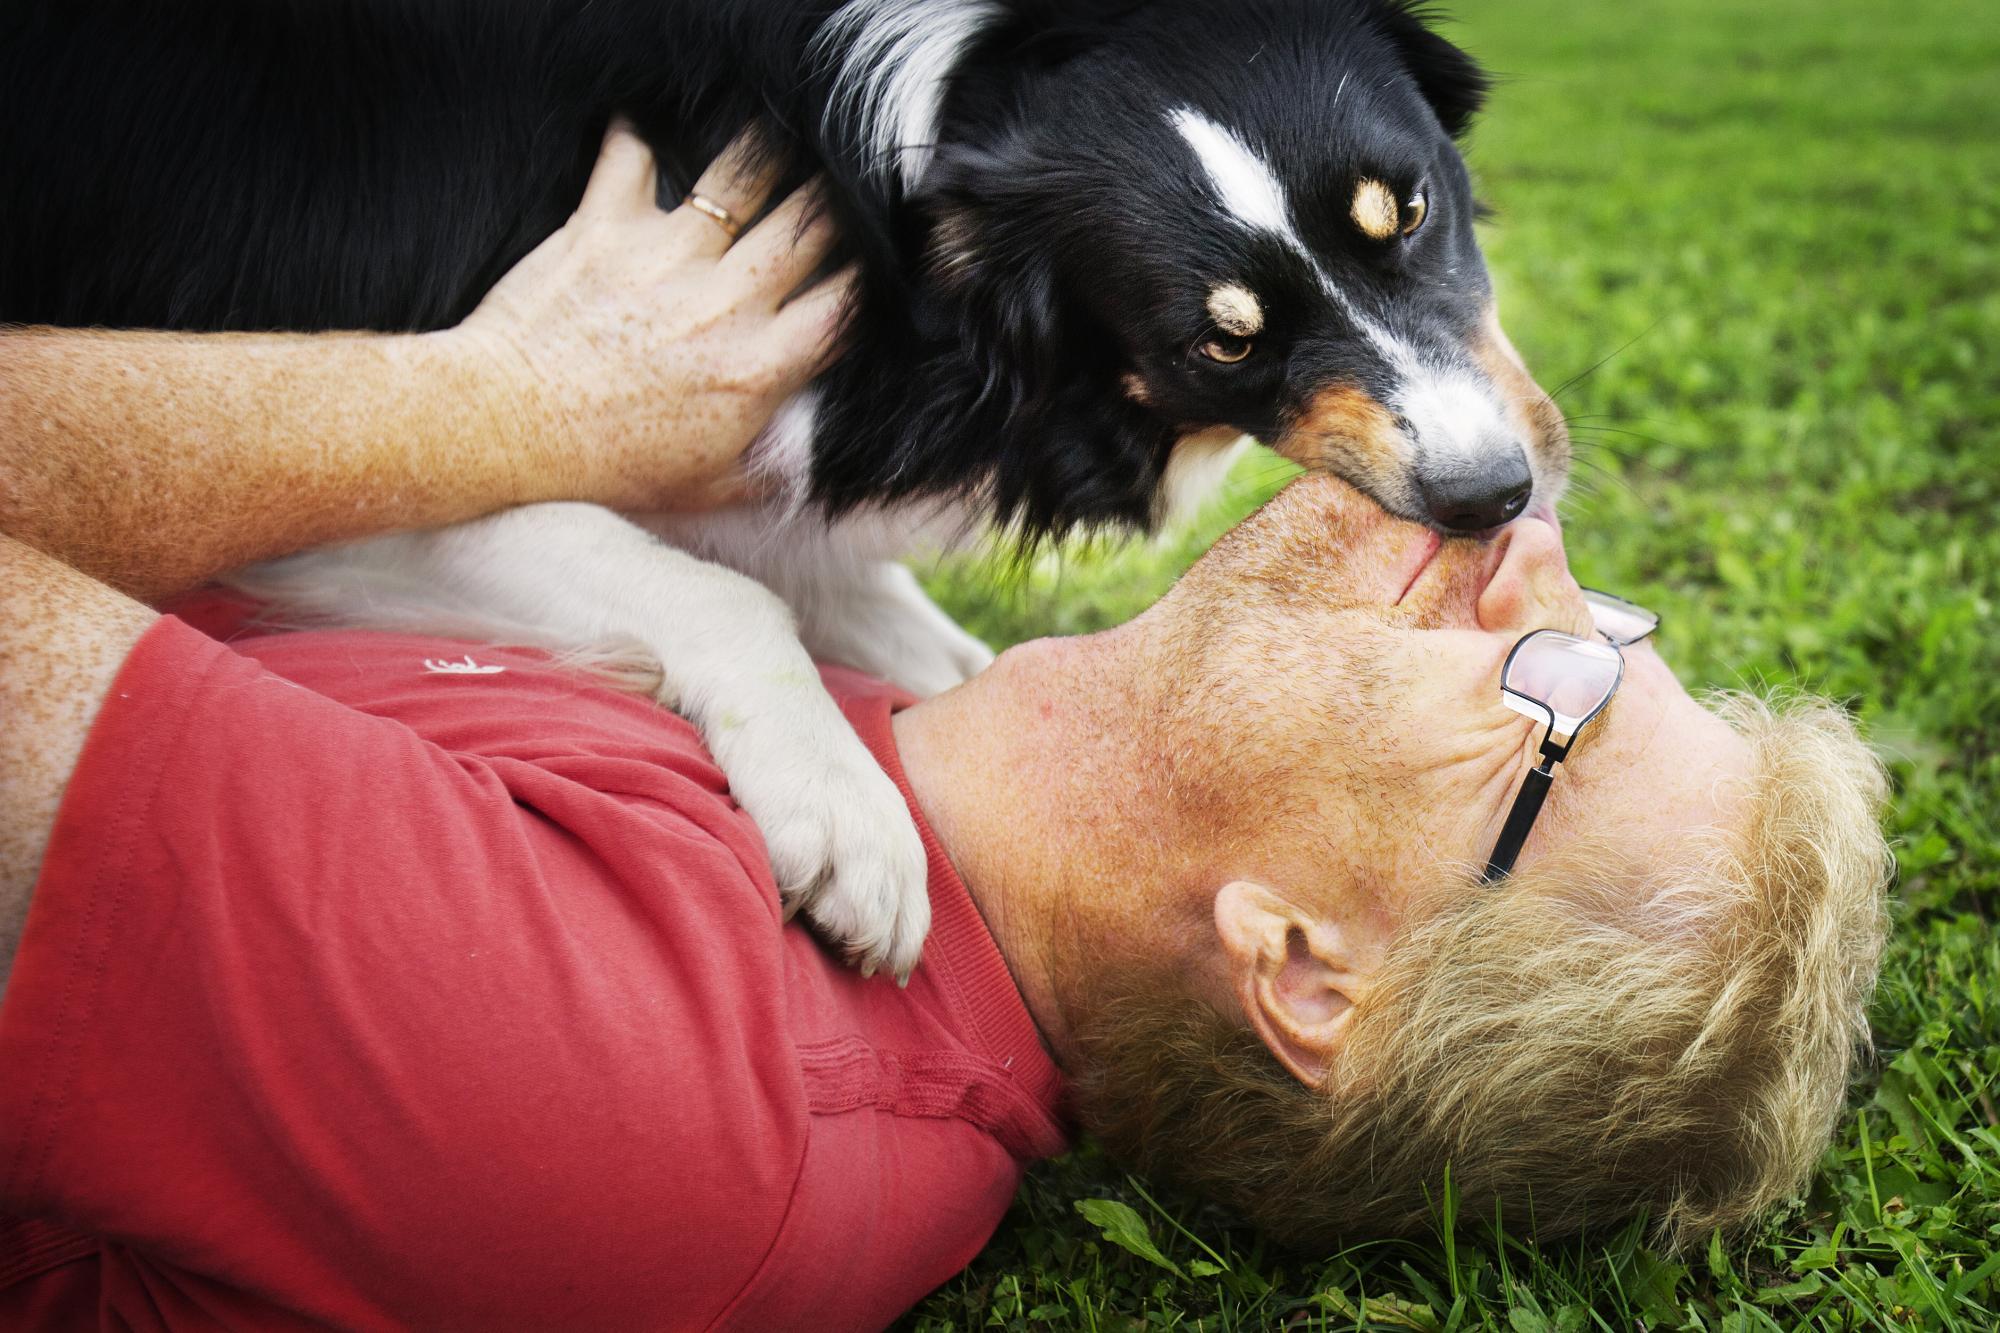 Etolog Kenth Svartberg har medverkat i ett par reportage under året. <br />Klicka på bilden för att komma till ett reportaget där Kenth intervjuas om hundars personlighet.